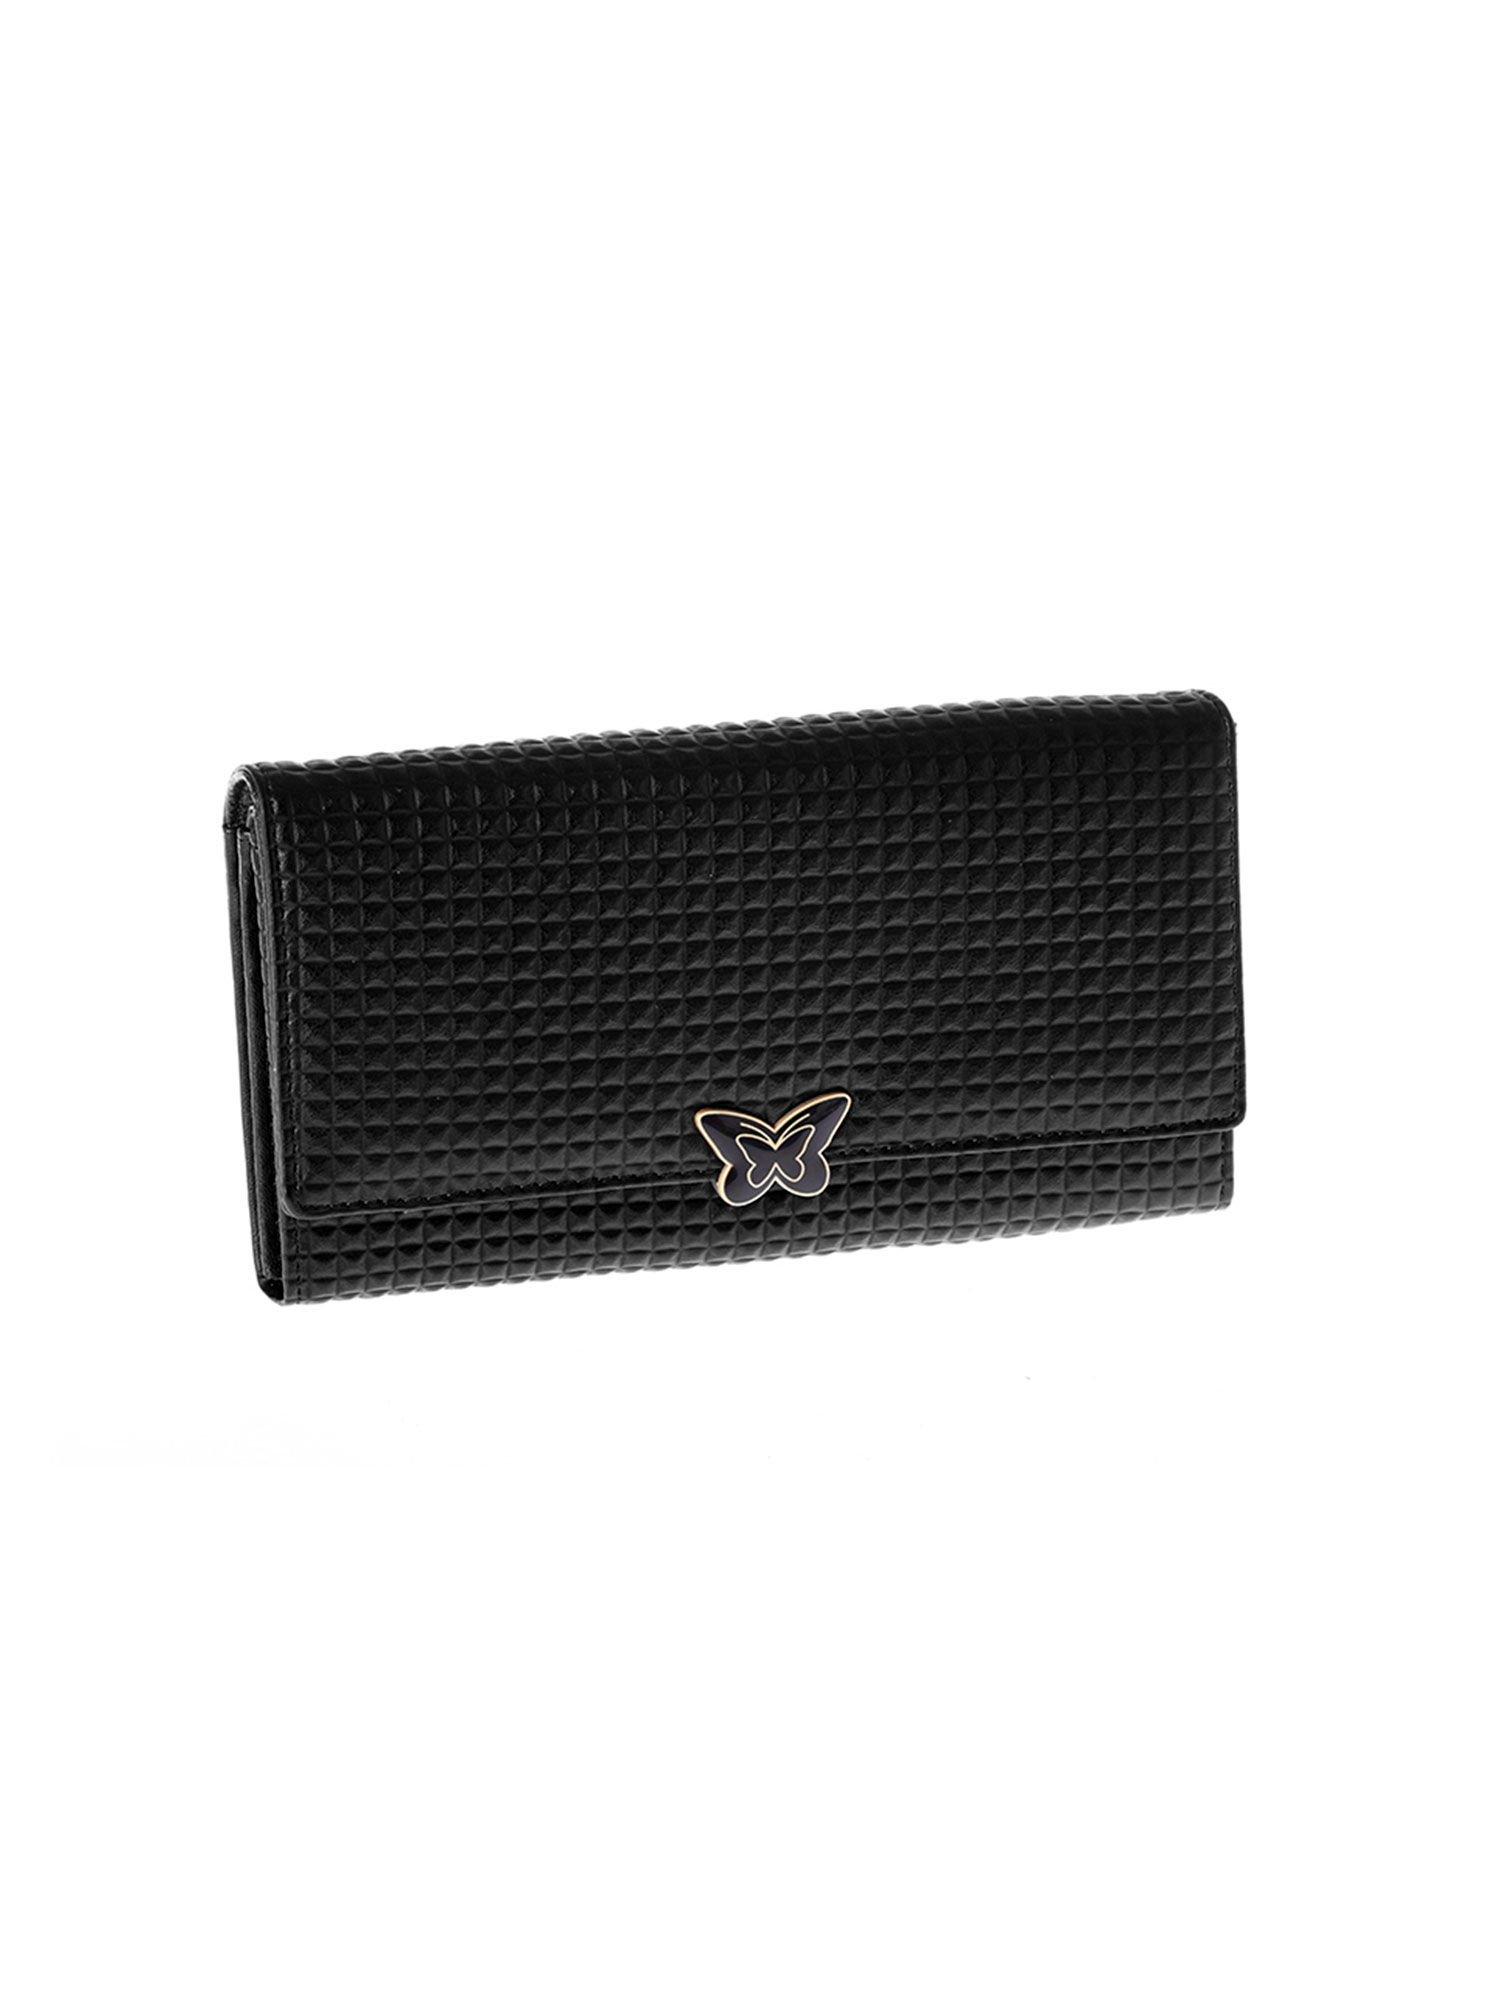 e24ce2d74b77f Czarny skórzany portfel damski z ozdobnym zapięciem - Akcesoria portfele -  sklep eButik.pl